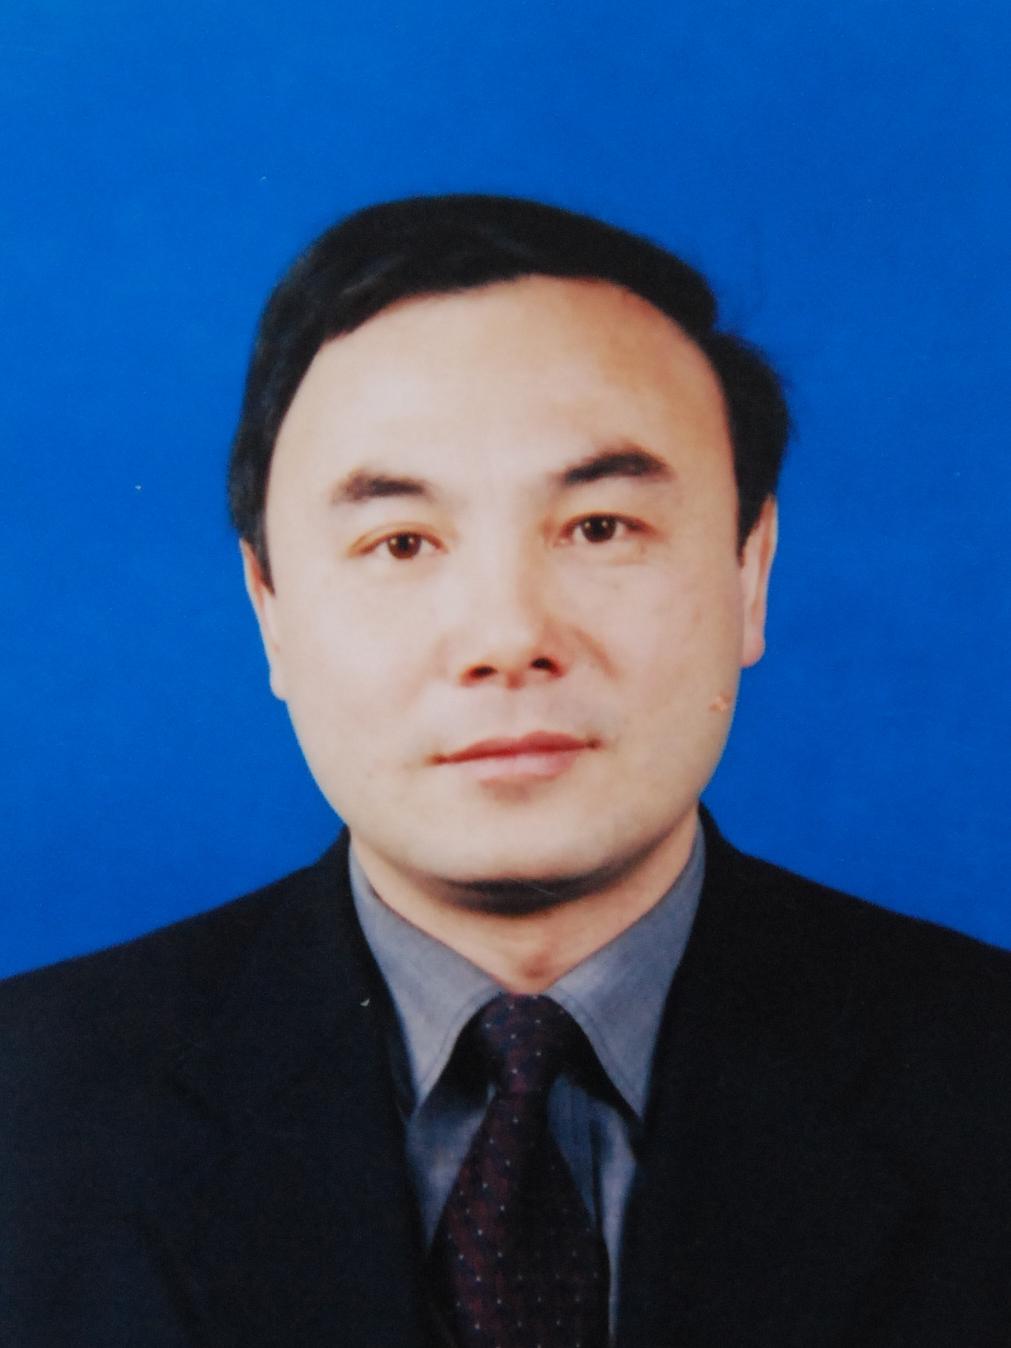 杭州市政府办公厅副主任张垂华必备严重v设备设备涉嫌三甲医院病房图片